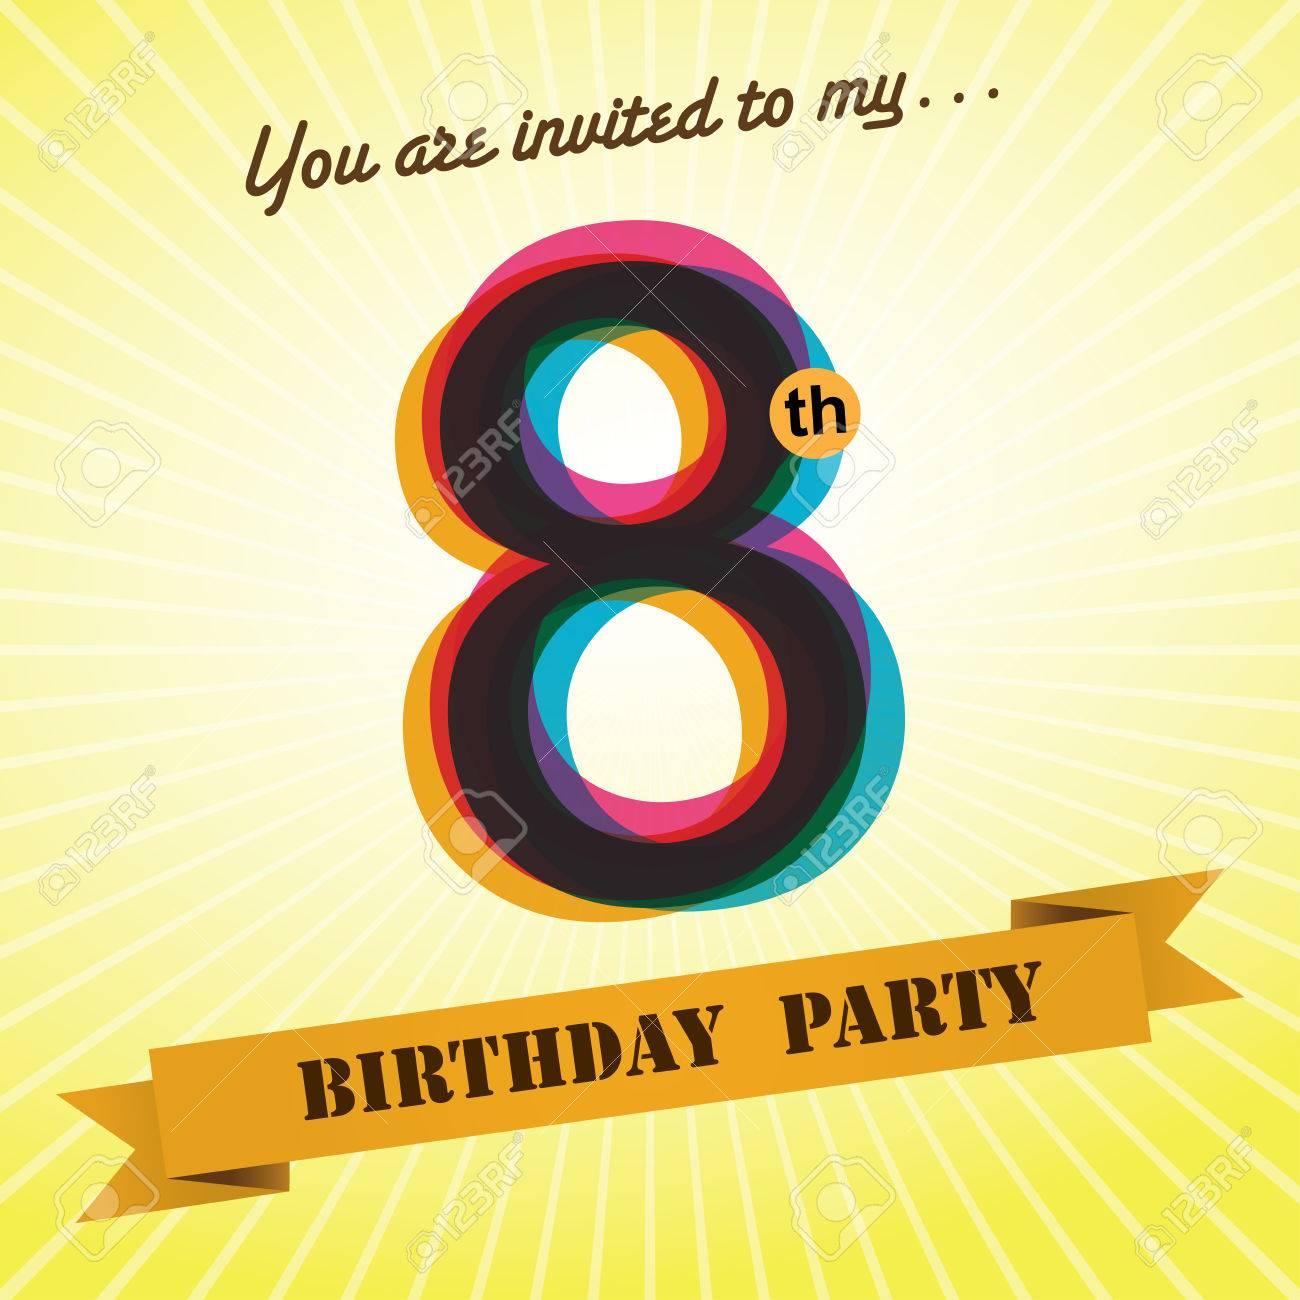 8th birthday party invite template design retro style vector